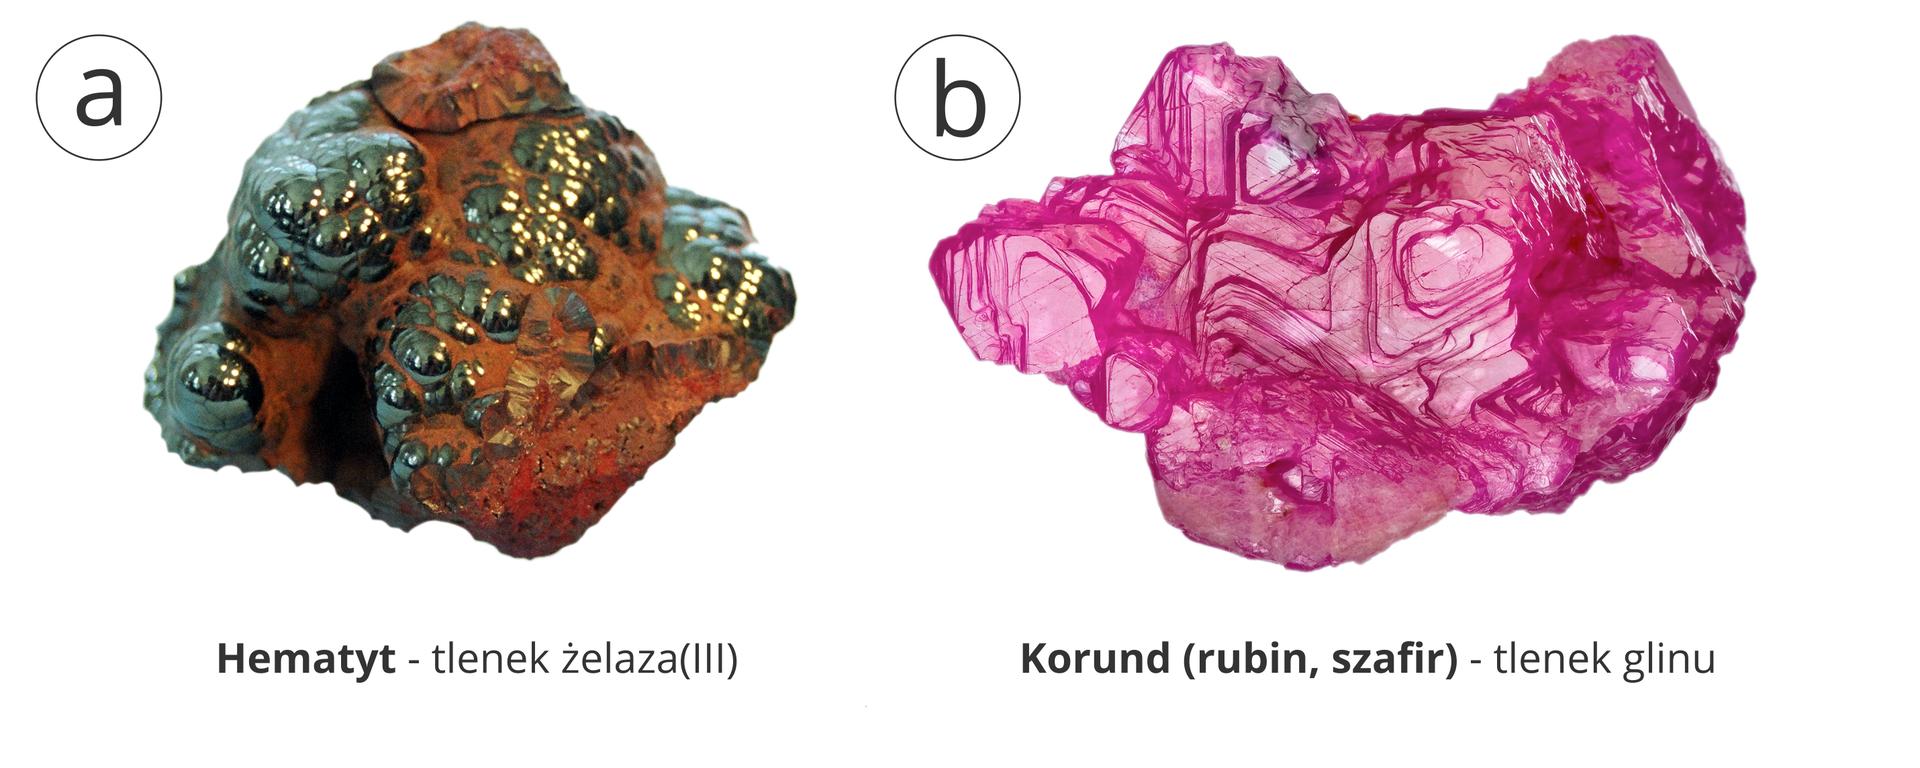 Ilustracja przedstawia dwa podpisane zdjęcia minerałów. Po lewej stronie rdzawozielona bryłka hematytu, czyli tlenku żelaza trzy. Wjego obrębie znaleźć można błyszczące metalicznym blaskiem drobiny. Po prawej stronie różowy minerał wwyraźnie krystalicznej strukturze warstwowej, korund czyli tlenek glinu. Jak głosi podpis, kamienie szlachetne takie jak rubin iszafir są odmianami korundu.